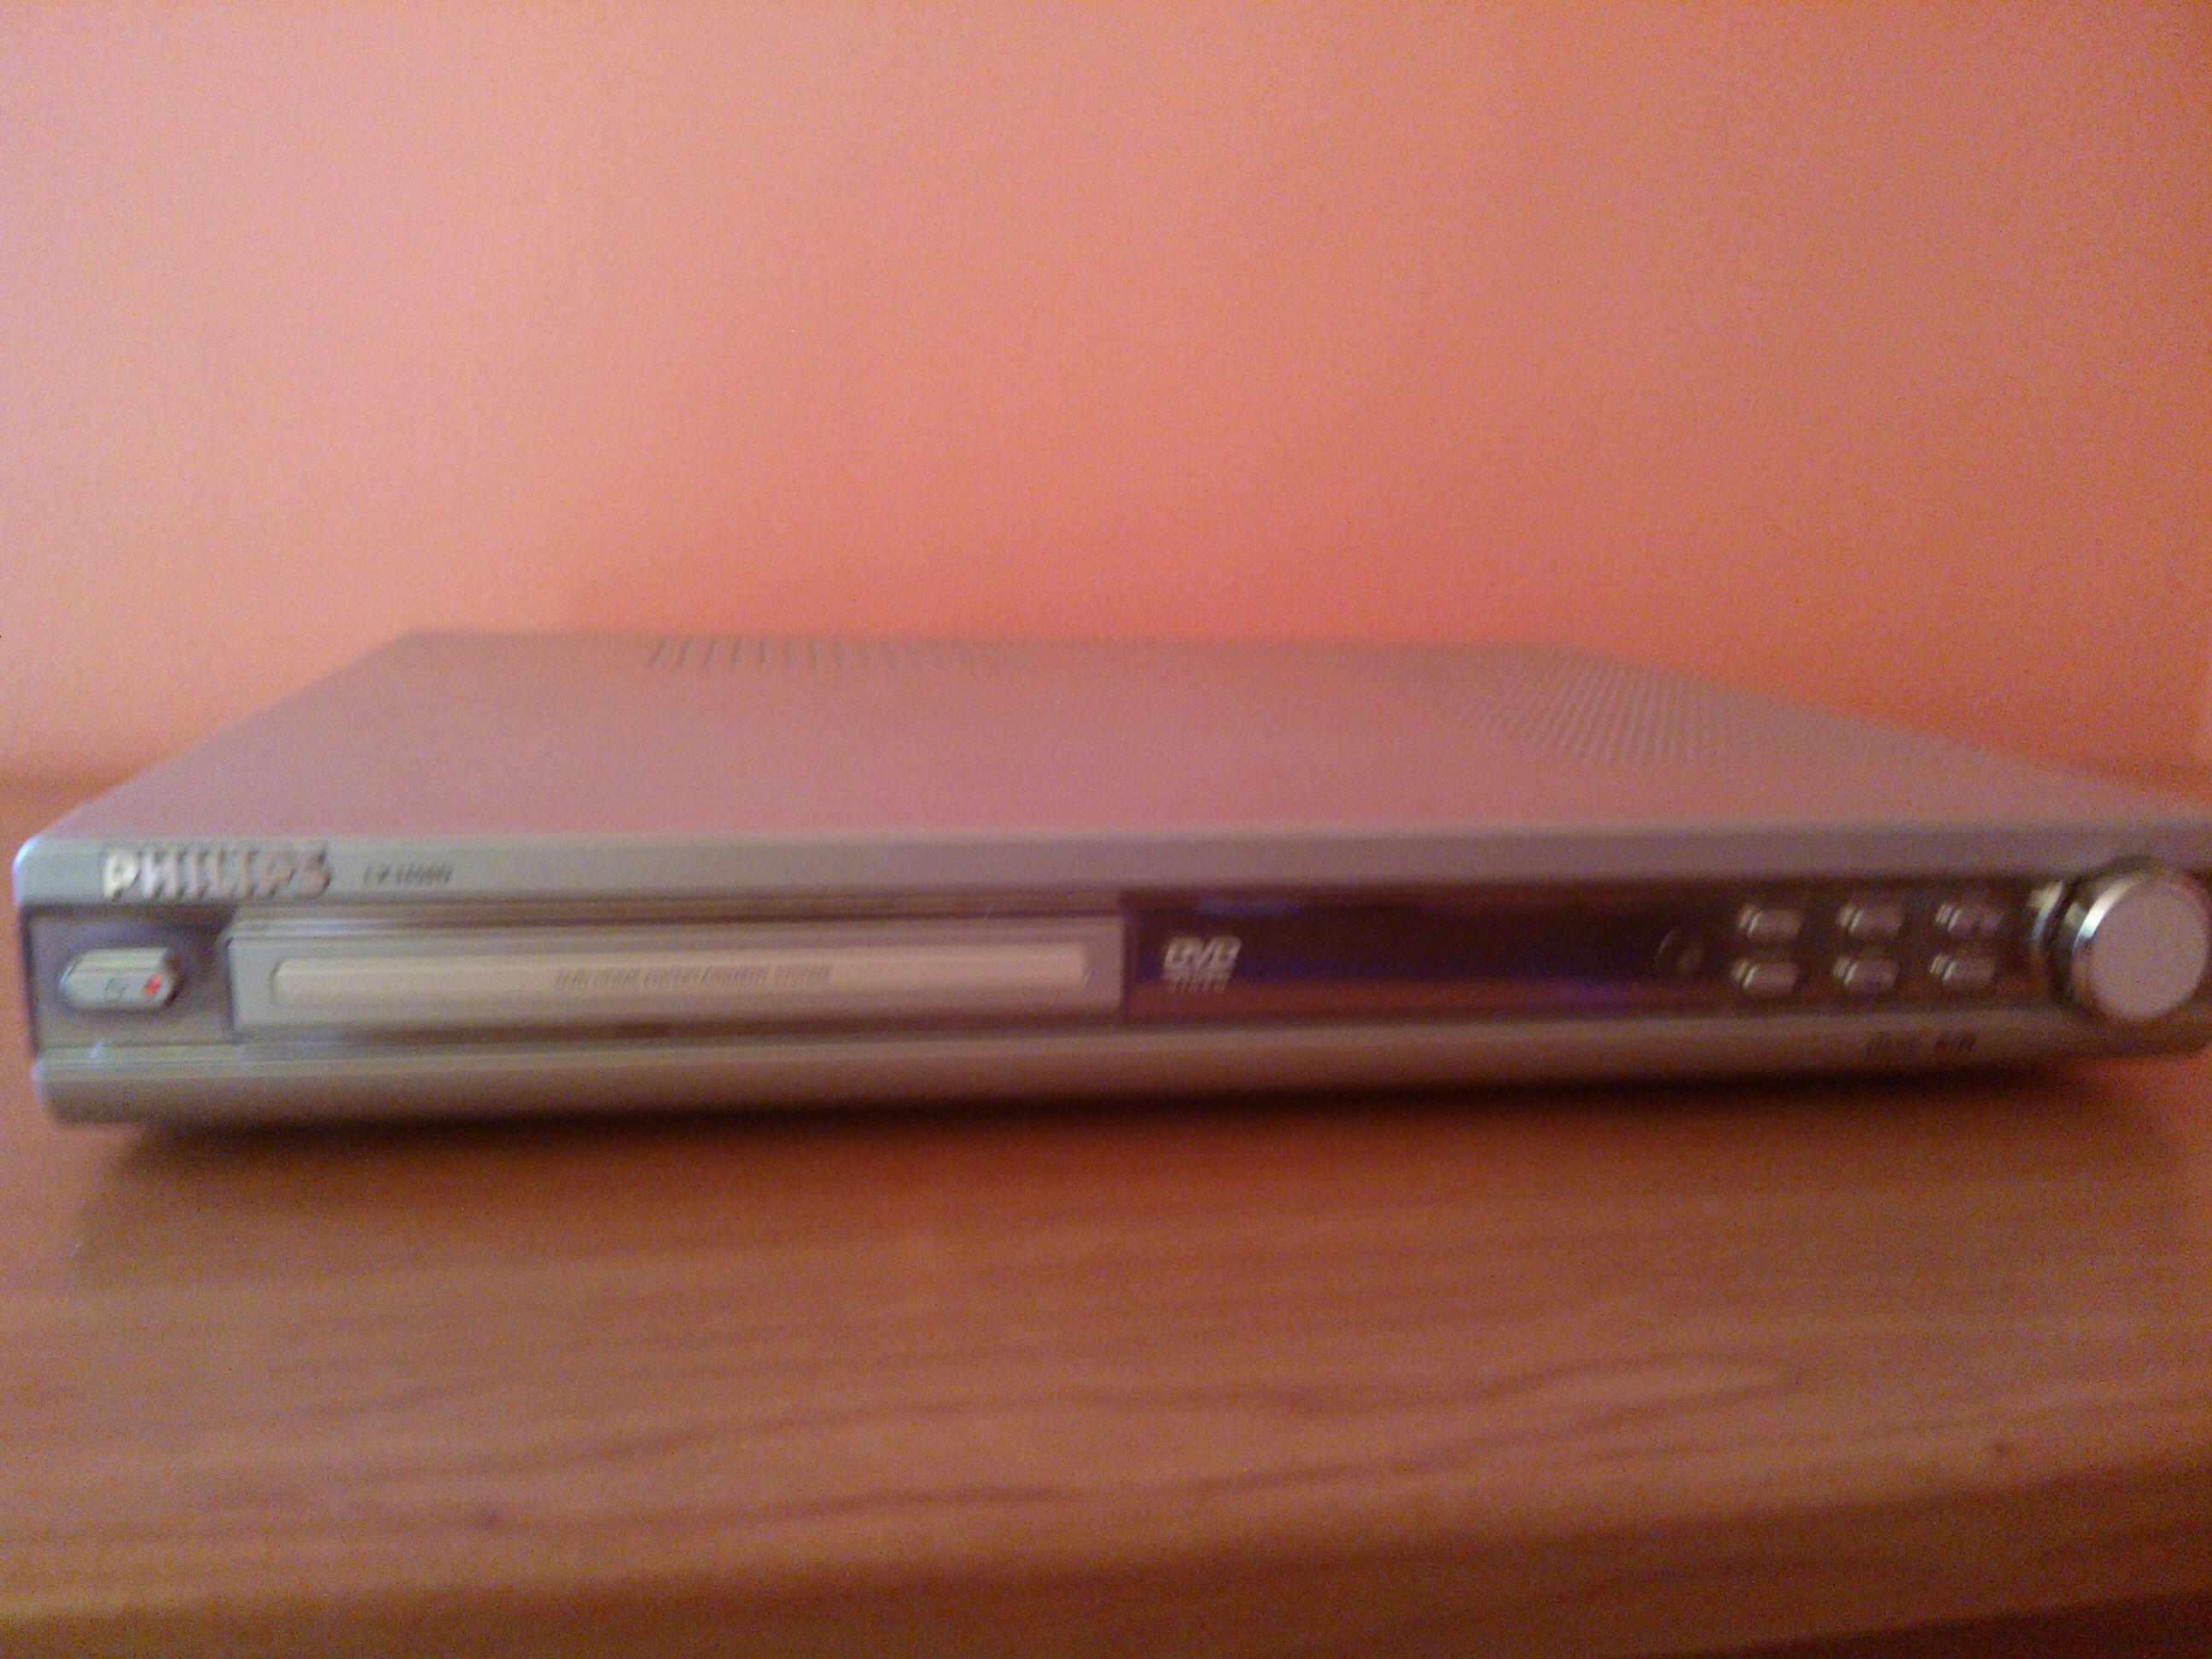 Kino domowe Philips LX3600D - jak podlaczyc do komputera?